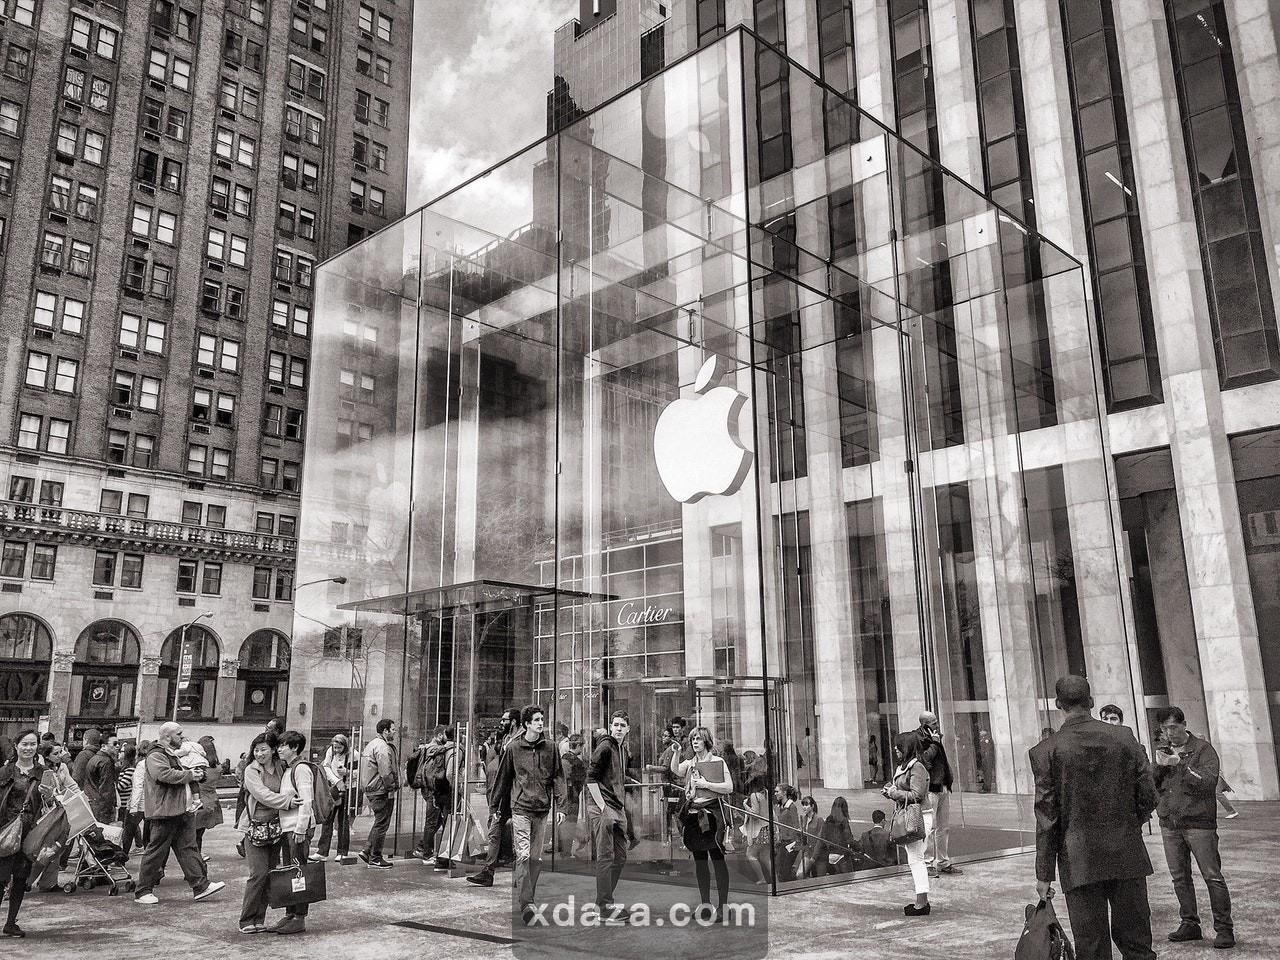 羡慕!苹果为零售店员工启用混合型在家办公模式并报销100美元